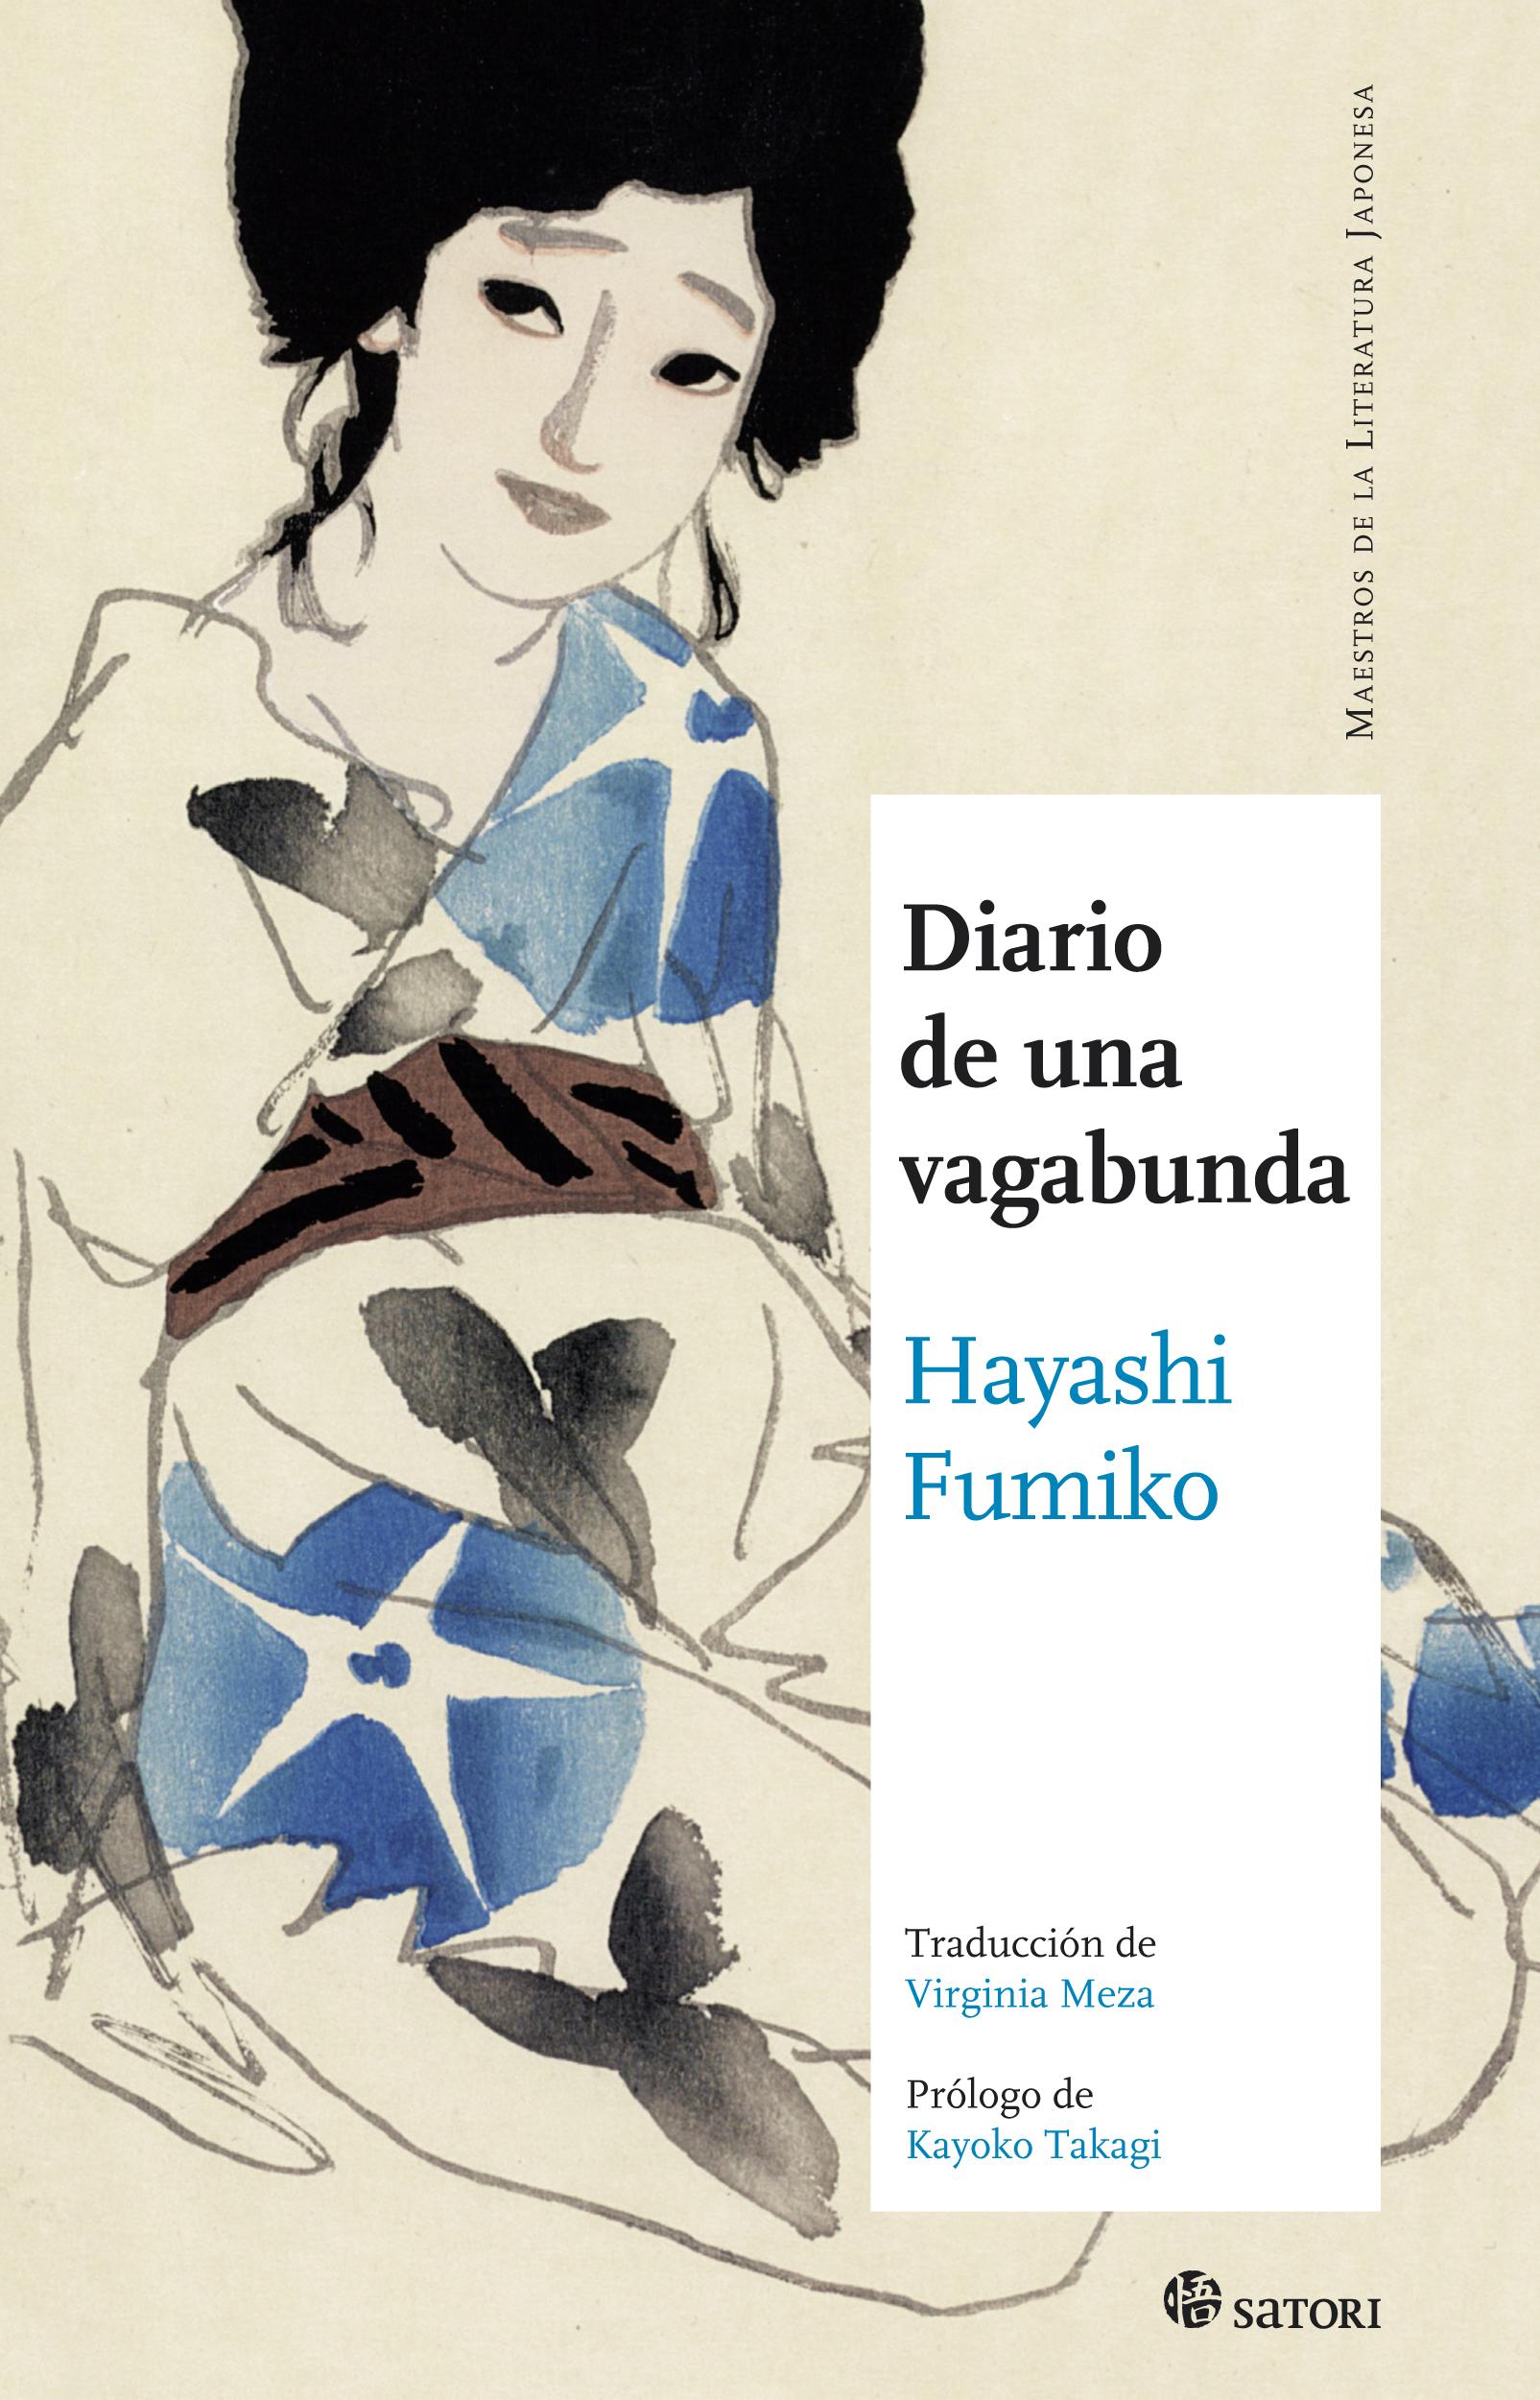 Título: Diario de una vagabunda Autora: Fumiko Hayashi Editorial: Satori Ediciones Colección: Maestros de la Literatura Japonesa Traducción: Virginia Meza ISBN: 987-84-941125-7-7 Páginas: 264 PVP: 21€ Puedes comprarlo aquí […]